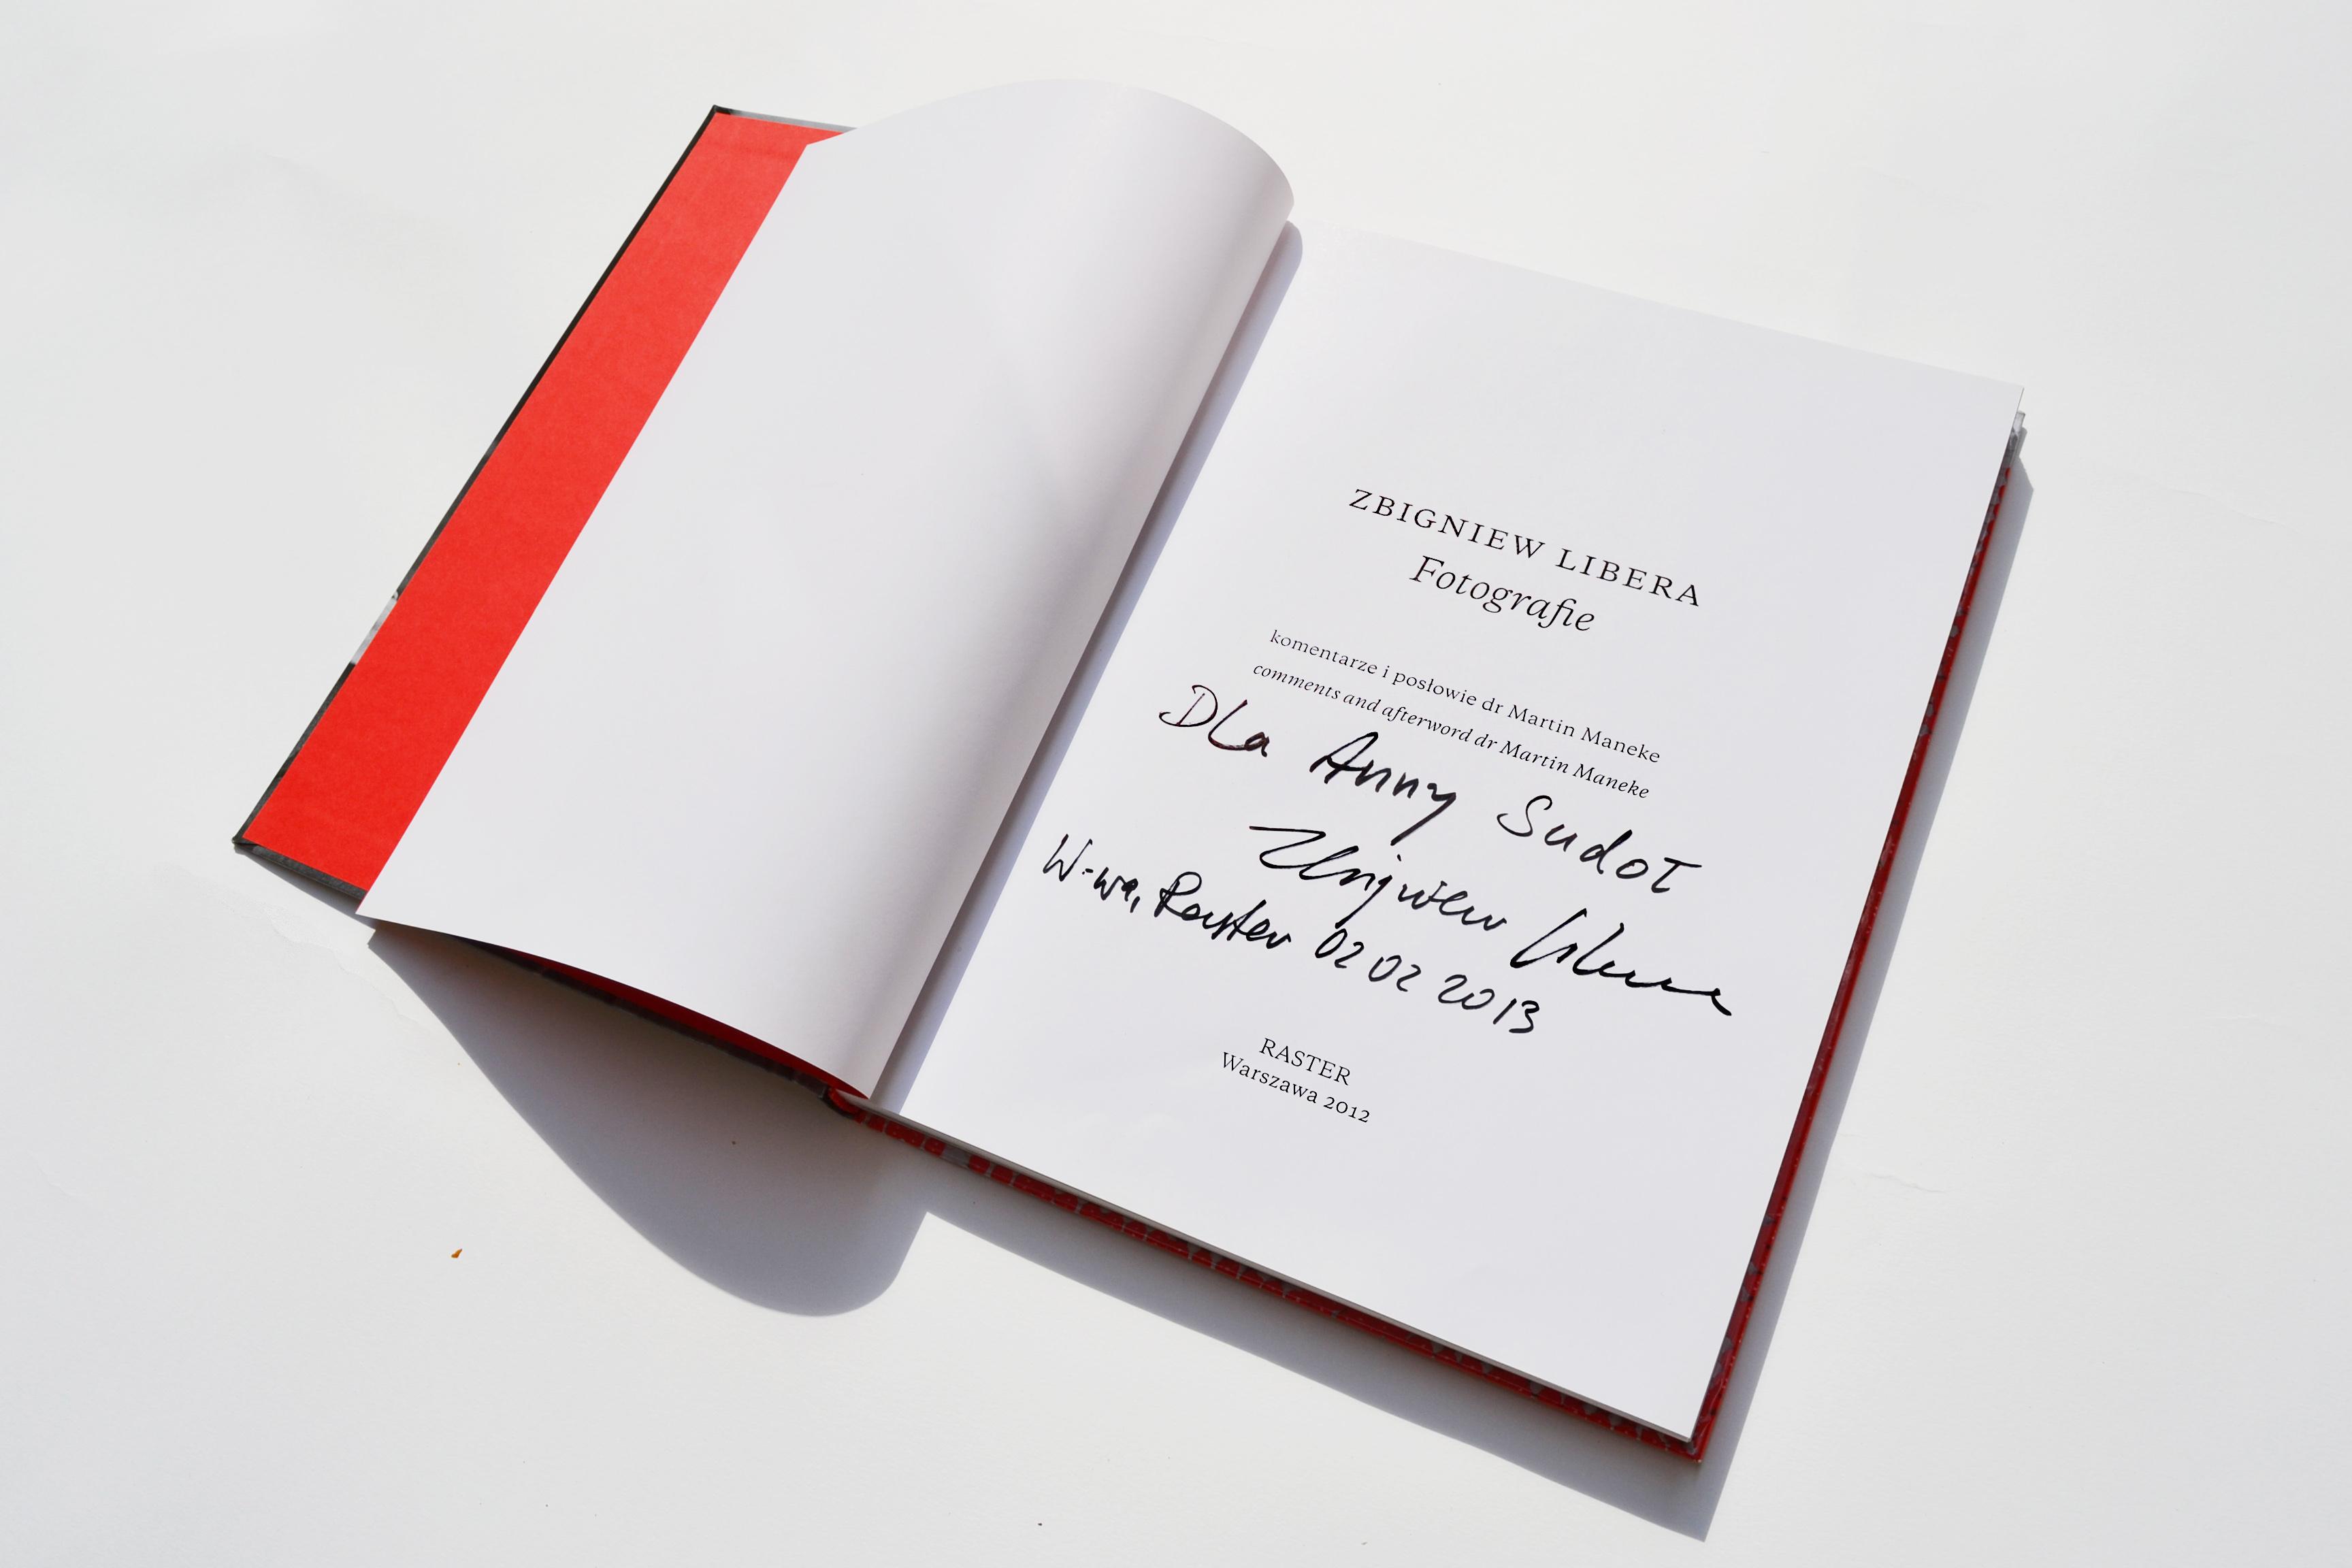 Dla Anny Sudoł Zbigniew Libera, obiekt archiwalny, 2013